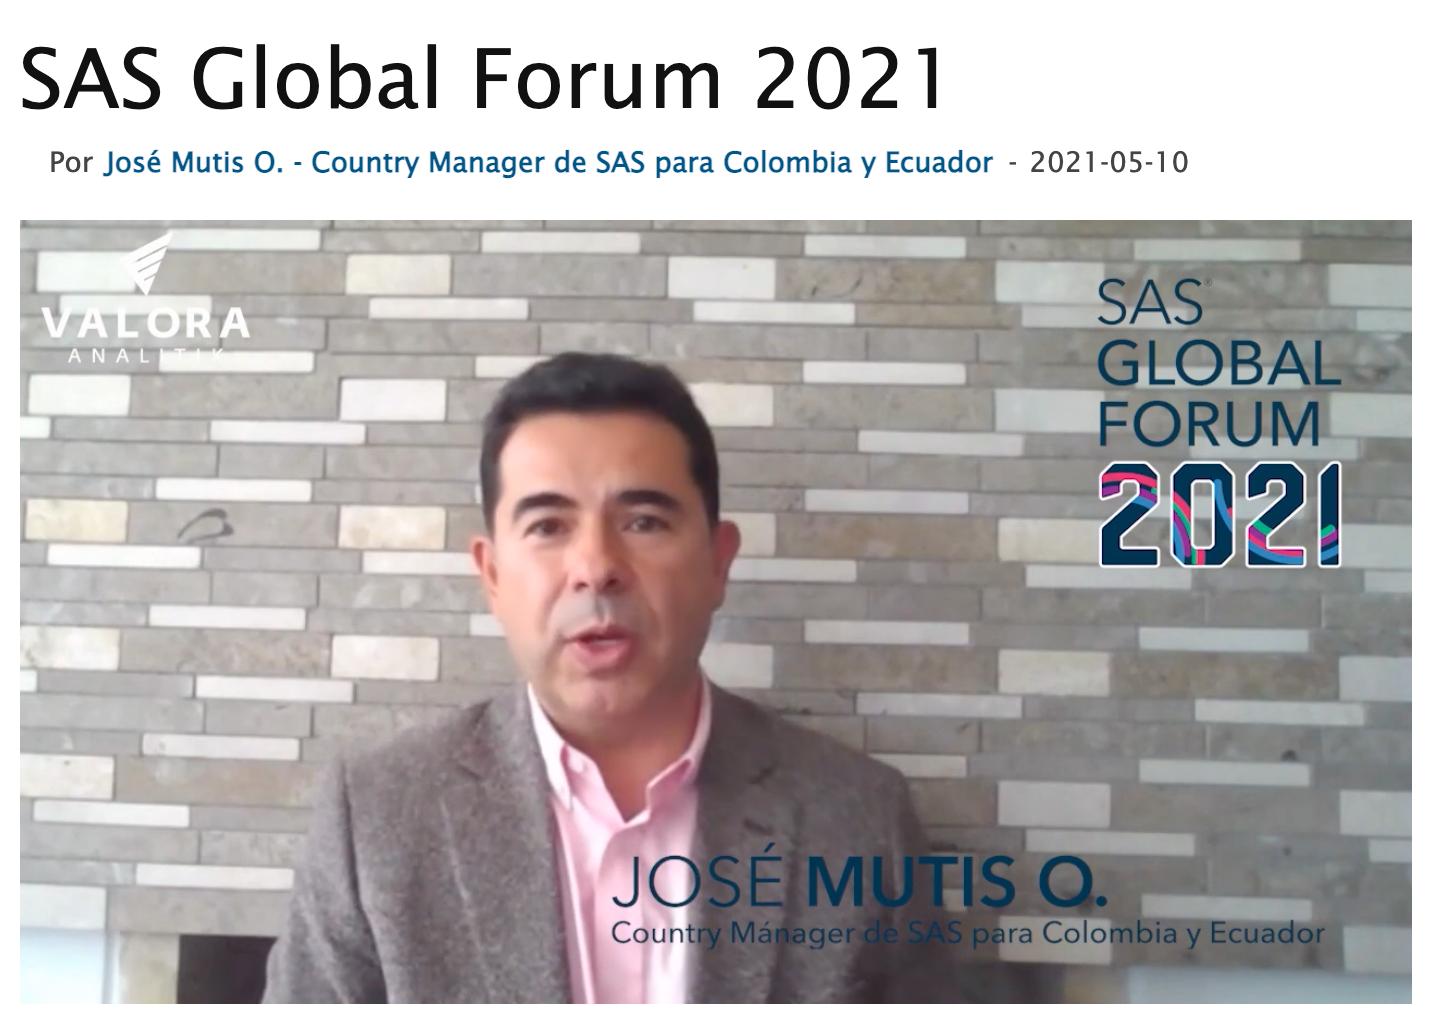 Active su curiosidad: ya llega el SAS Global Forum 2021